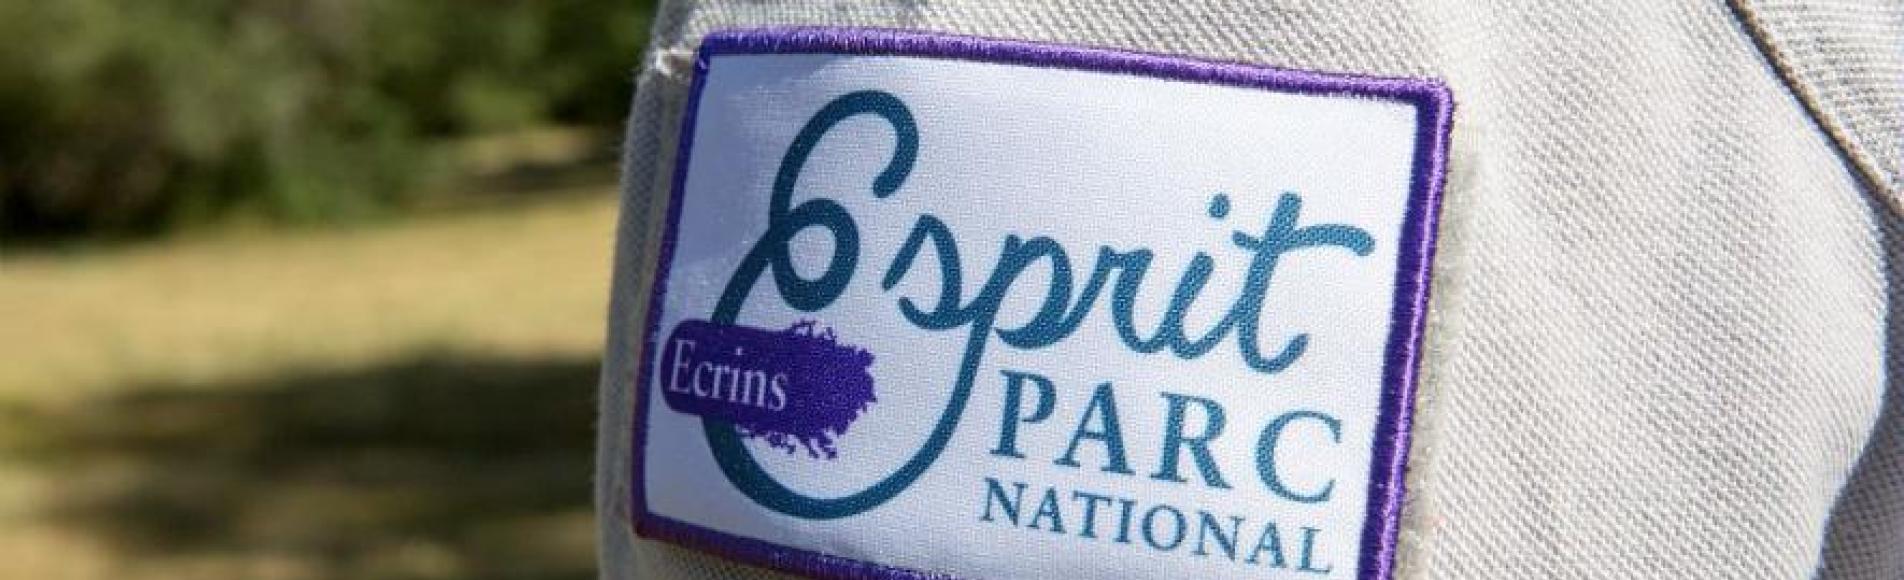 Appel à candidature à la marque Esprit Parc National